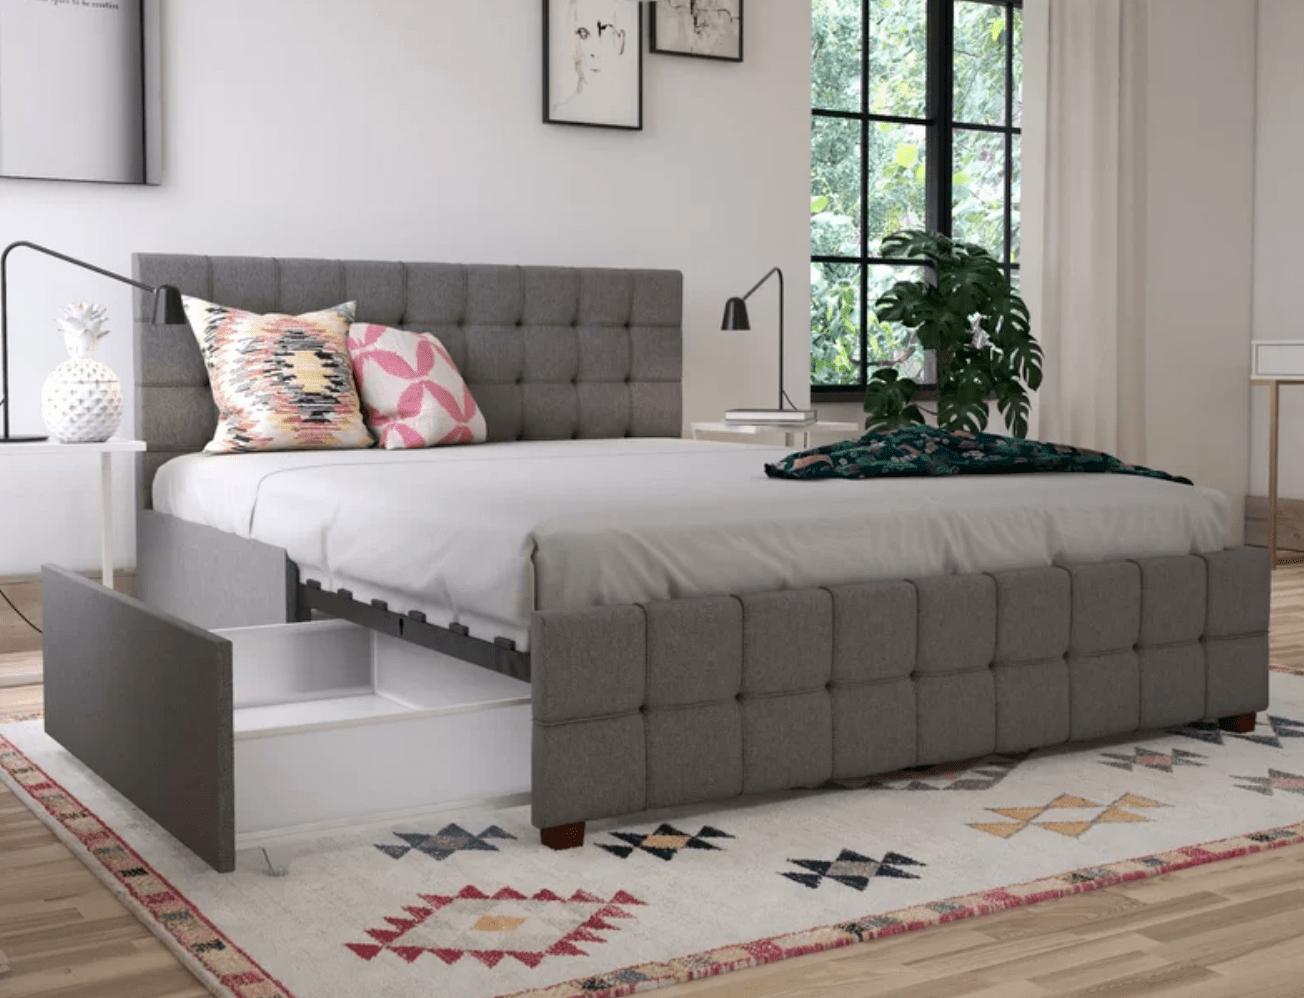 Best Storage Beds; Elizabeth Upholstered Storage Platform Bed